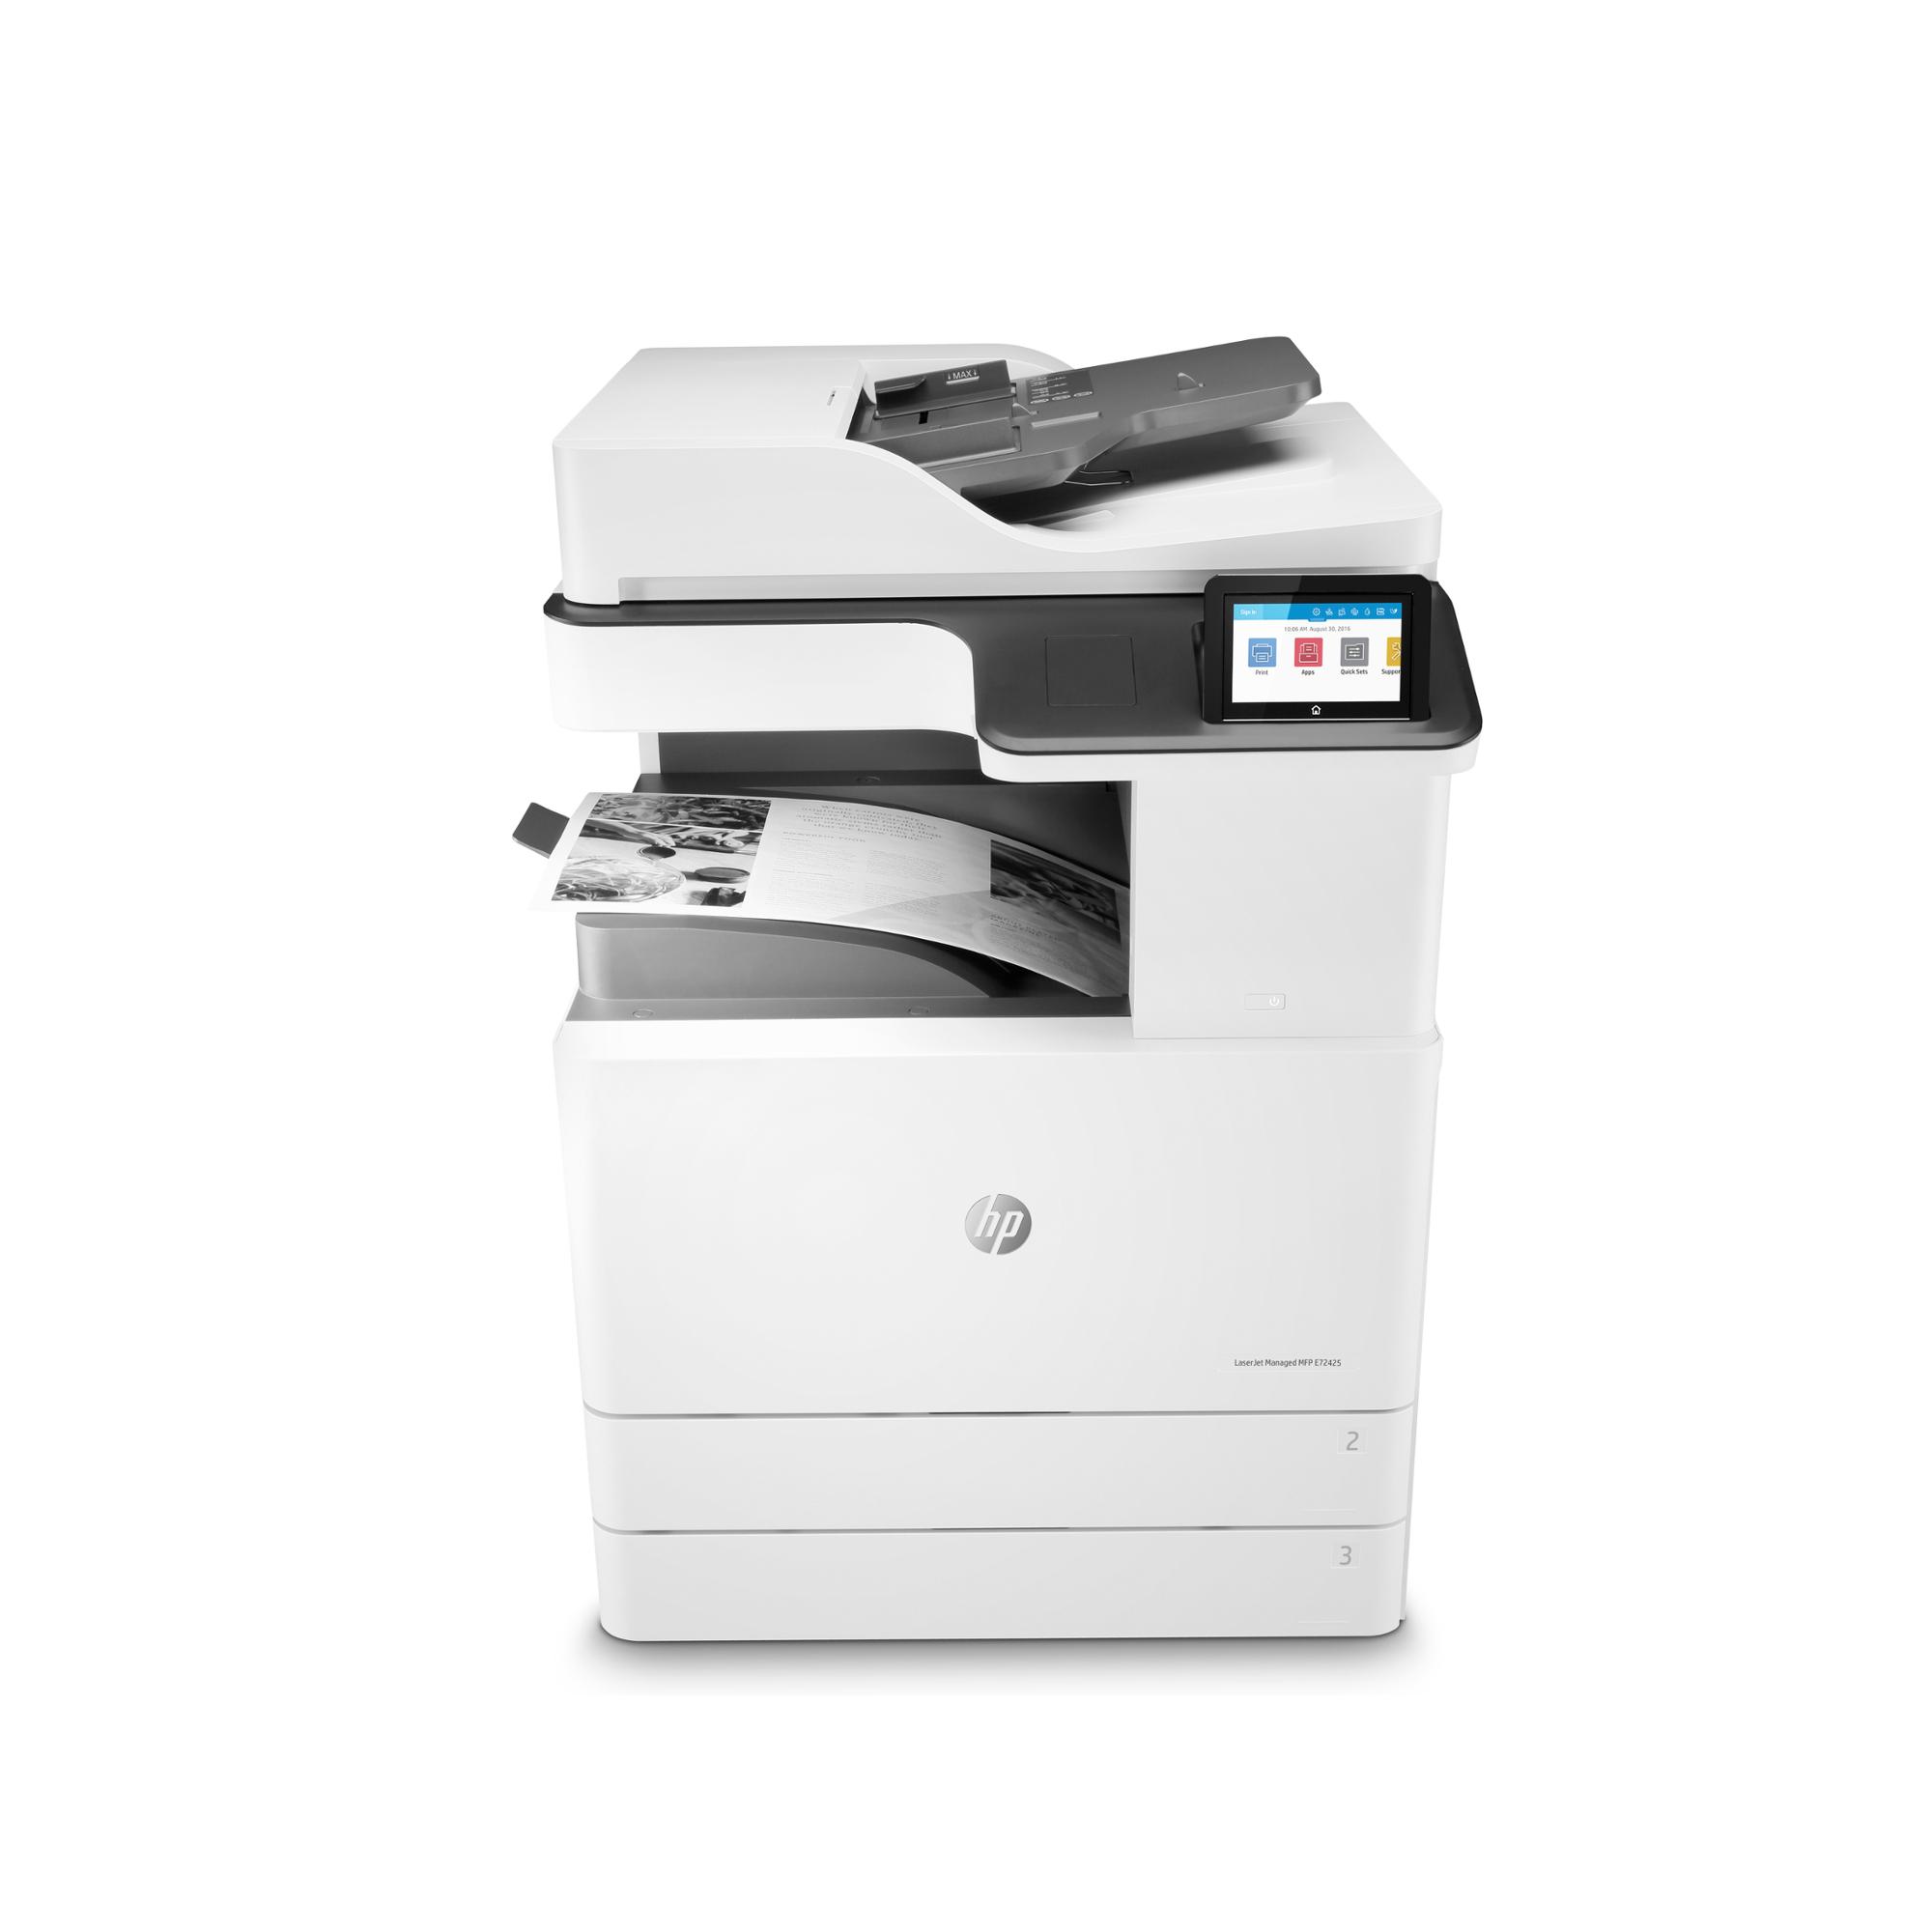 Noleggio Stampante Multifunzione Managed HP LaserJet E72425dv - Lyreco print services